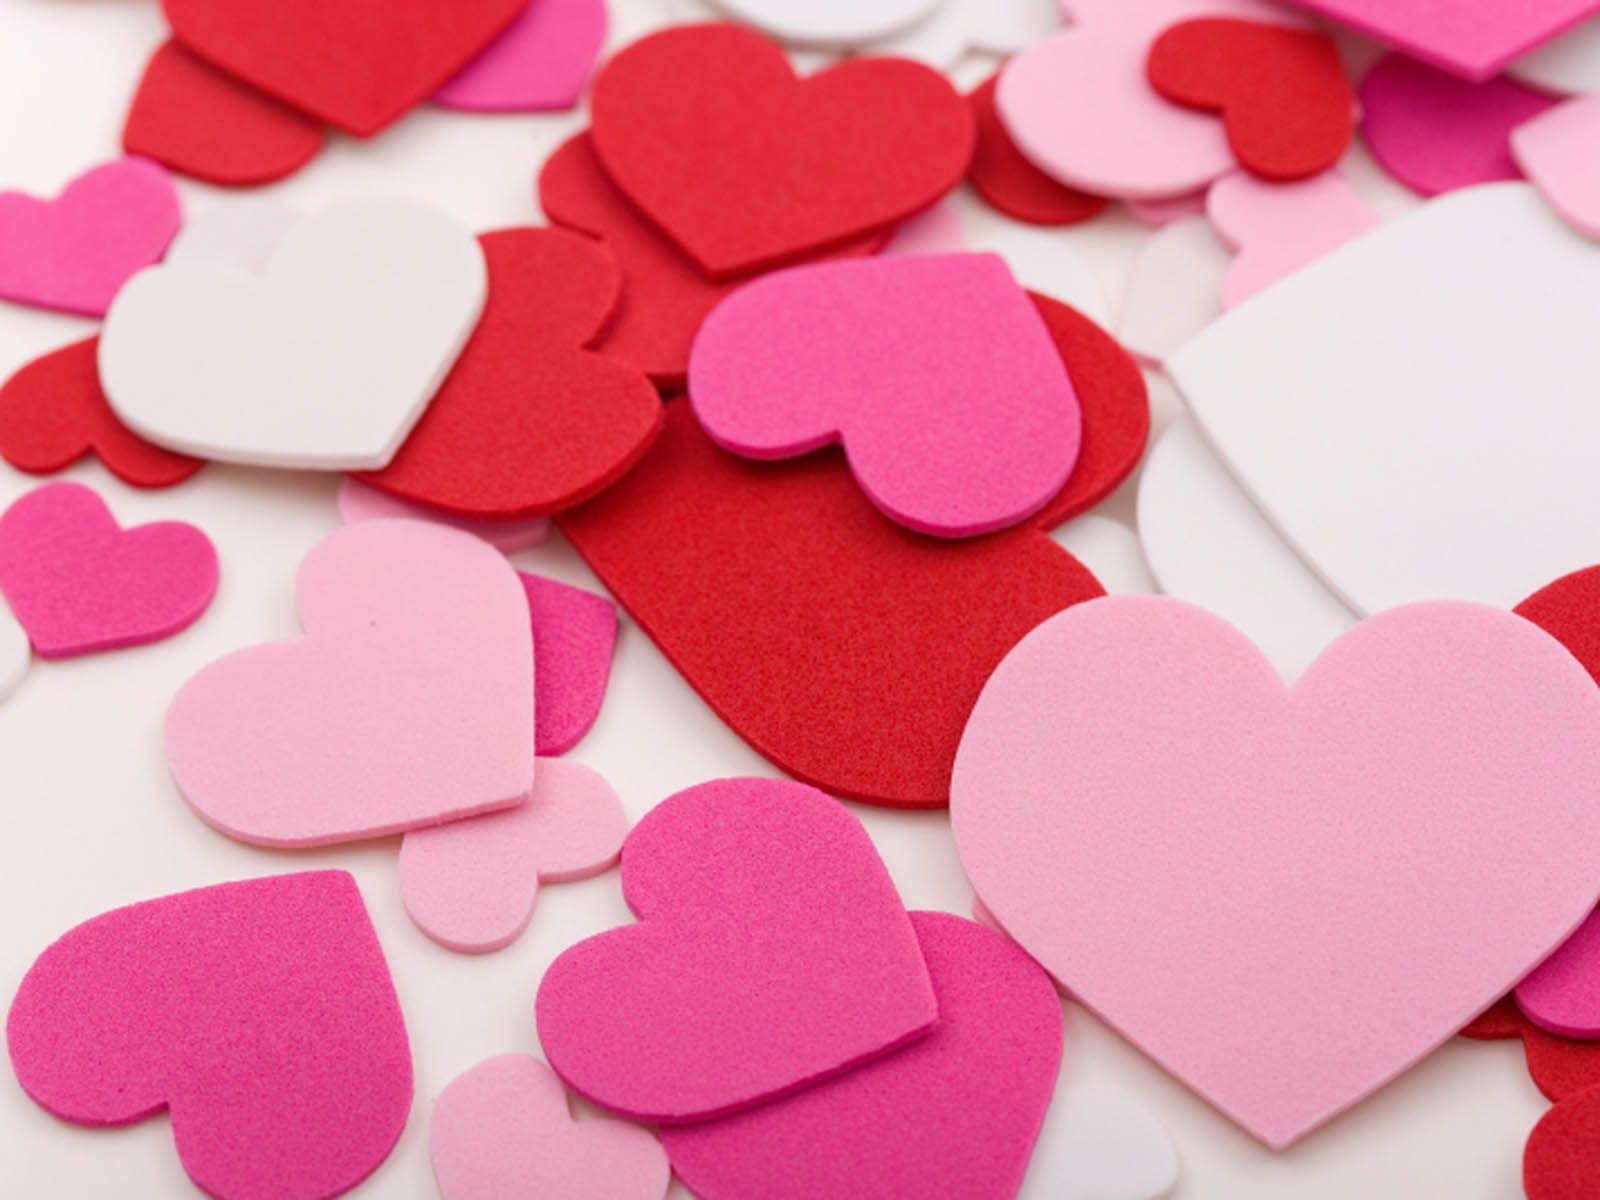 оставил картинки группа сердечки система состоит